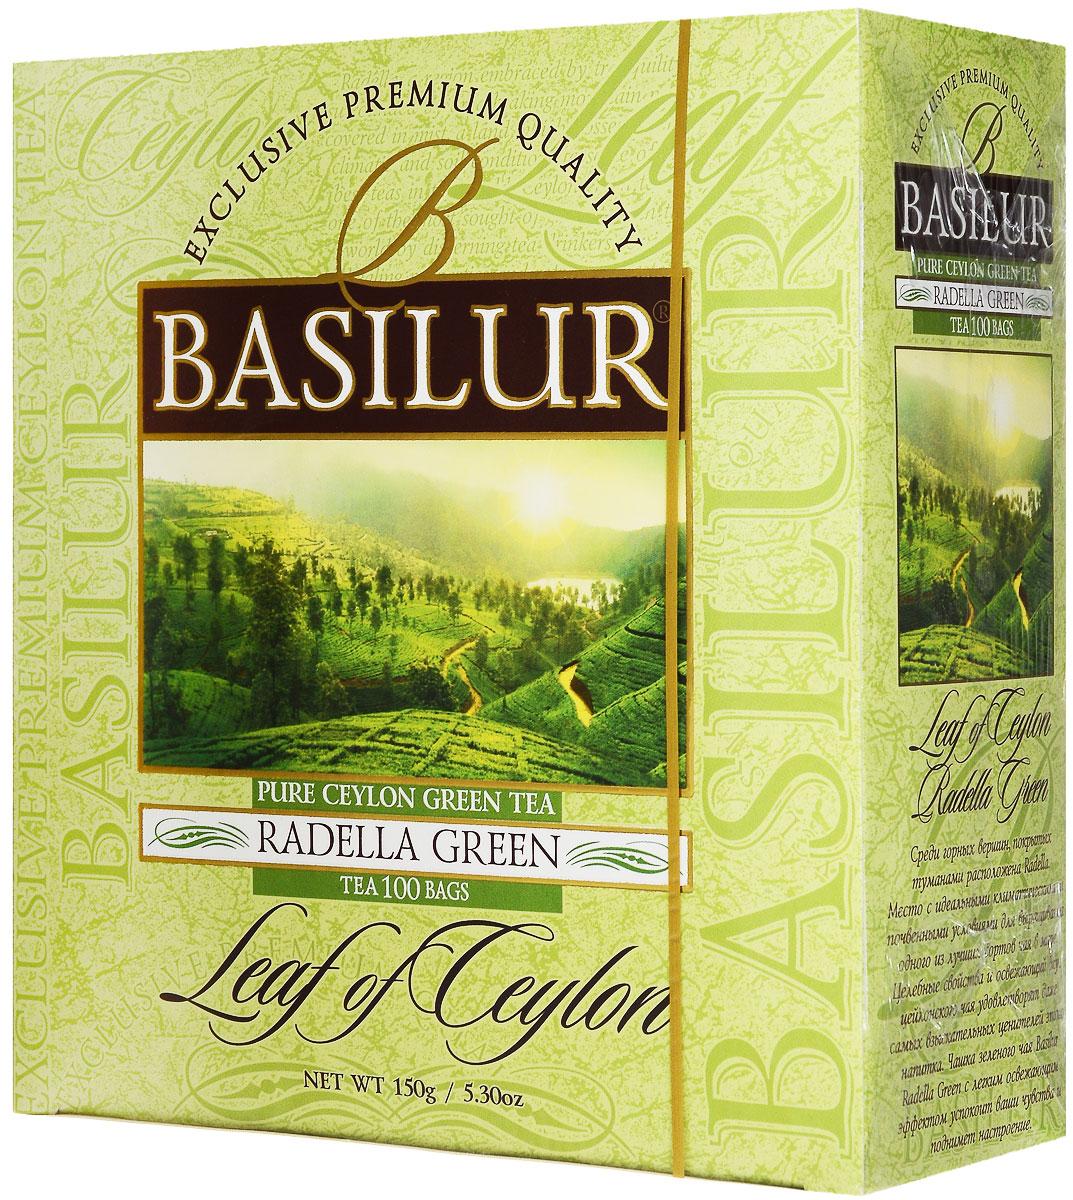 Basilur Radella зеленый чай в пакетиках, 100 шт1297-1Зелёный цейлонский байховый мелколистовой чай Basilur Radella в пакетиках с ярлычками для разовой заварки - отличный вариант на каждый день!Среди горных вершин, покрытых туманами расположена Radella. Место с идеальными климатическими и почвенными условиями для выращивания одного из лучших сортов чая в мире.Целебные свойства и освежающий вкус цейлонского чая удовлетворят даже самых взыскательных ценителей этого напитка. Чашка зеленого чая Basilur Radella Green с легким освежающим эффектом успокоит ваши чувства и поднимет настроение.